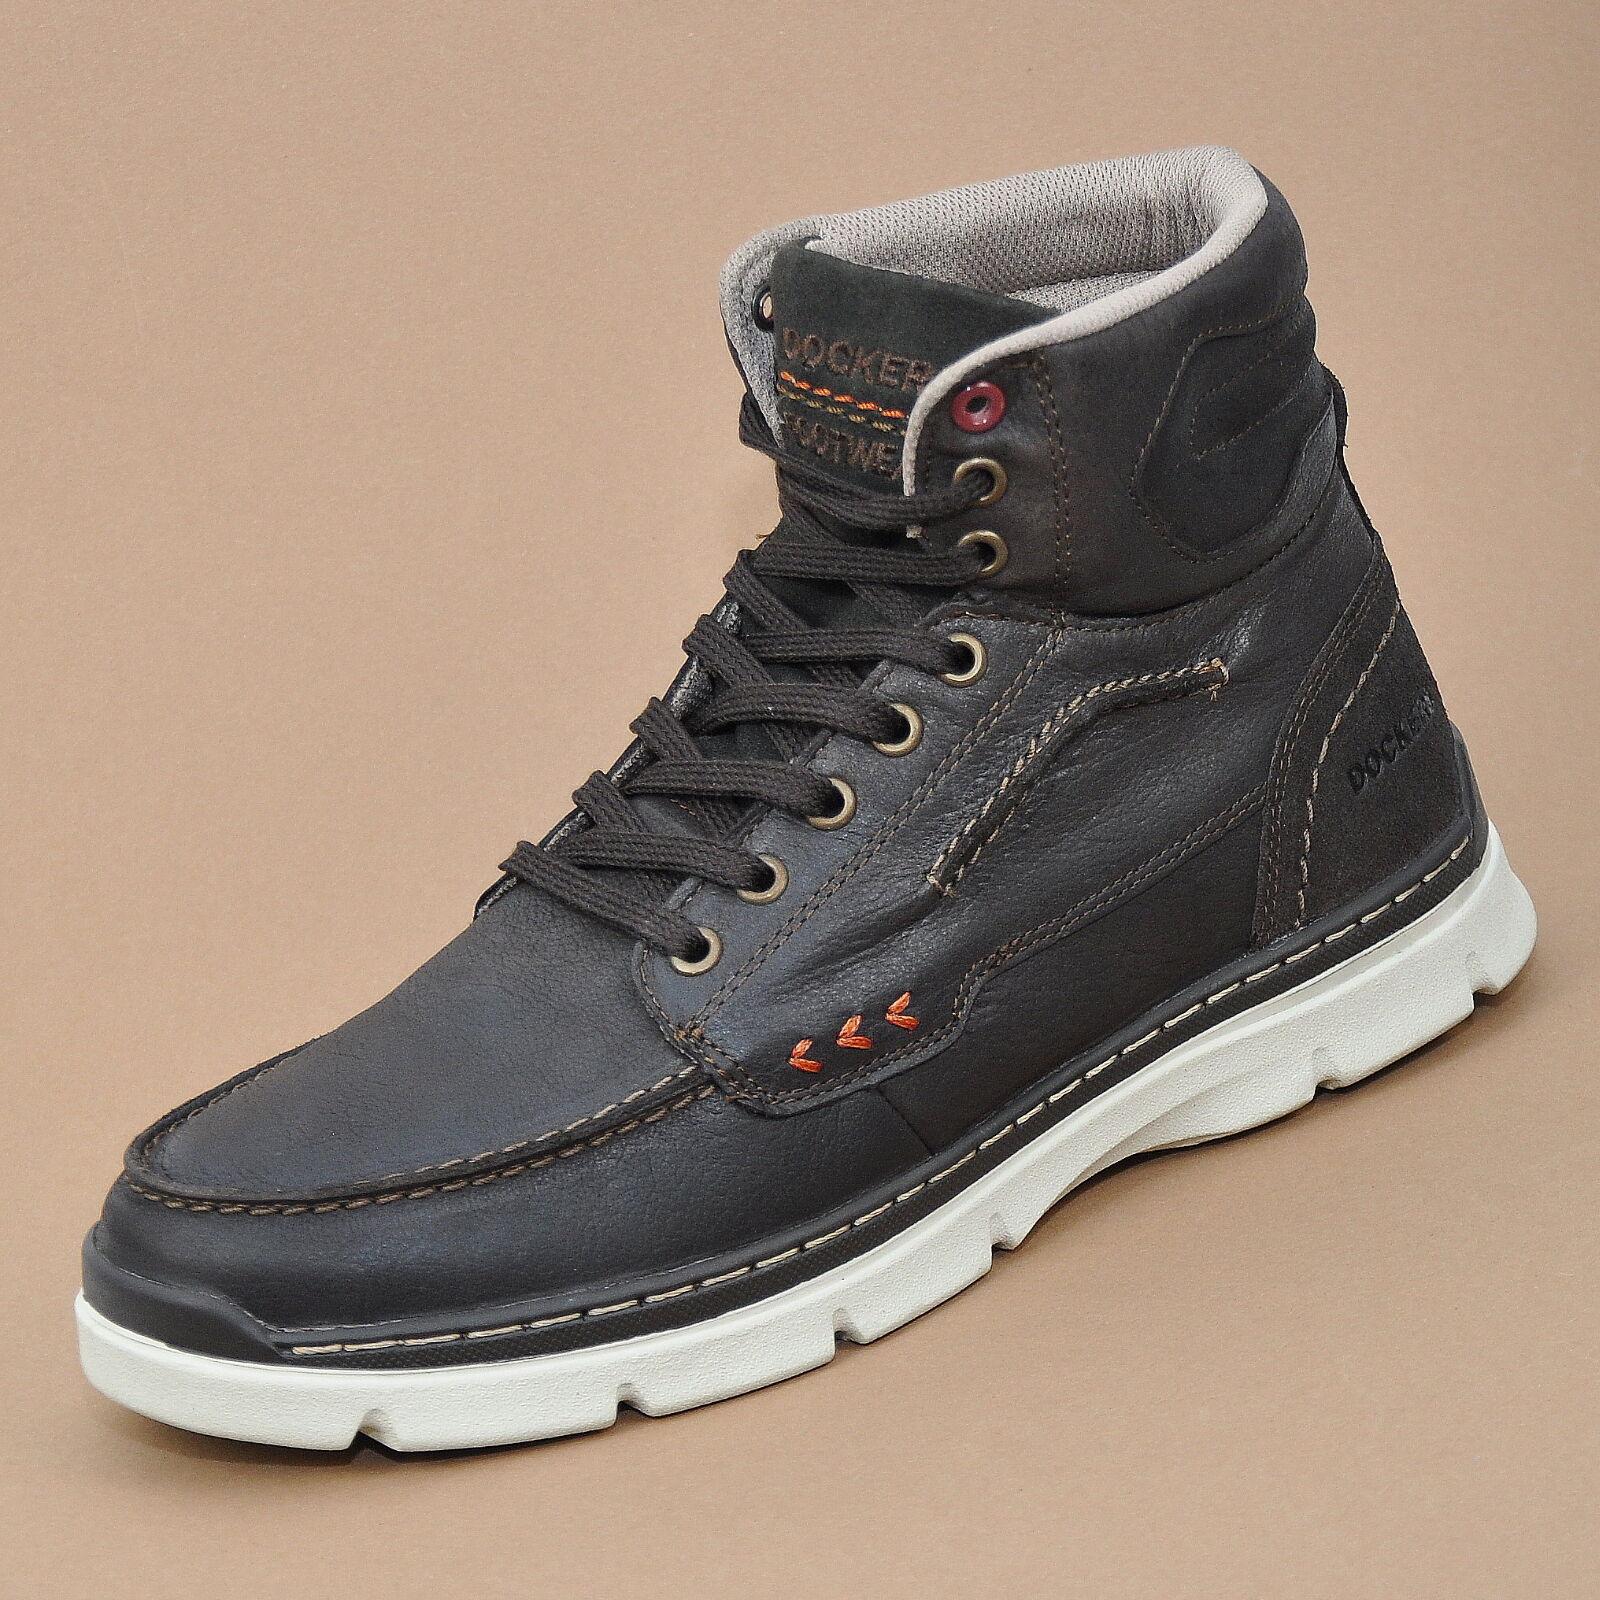 Dockers señores botas de cuero, zapatos botas botas zapatos marrón oscuro (chocolate) 352610-239010 daf12b